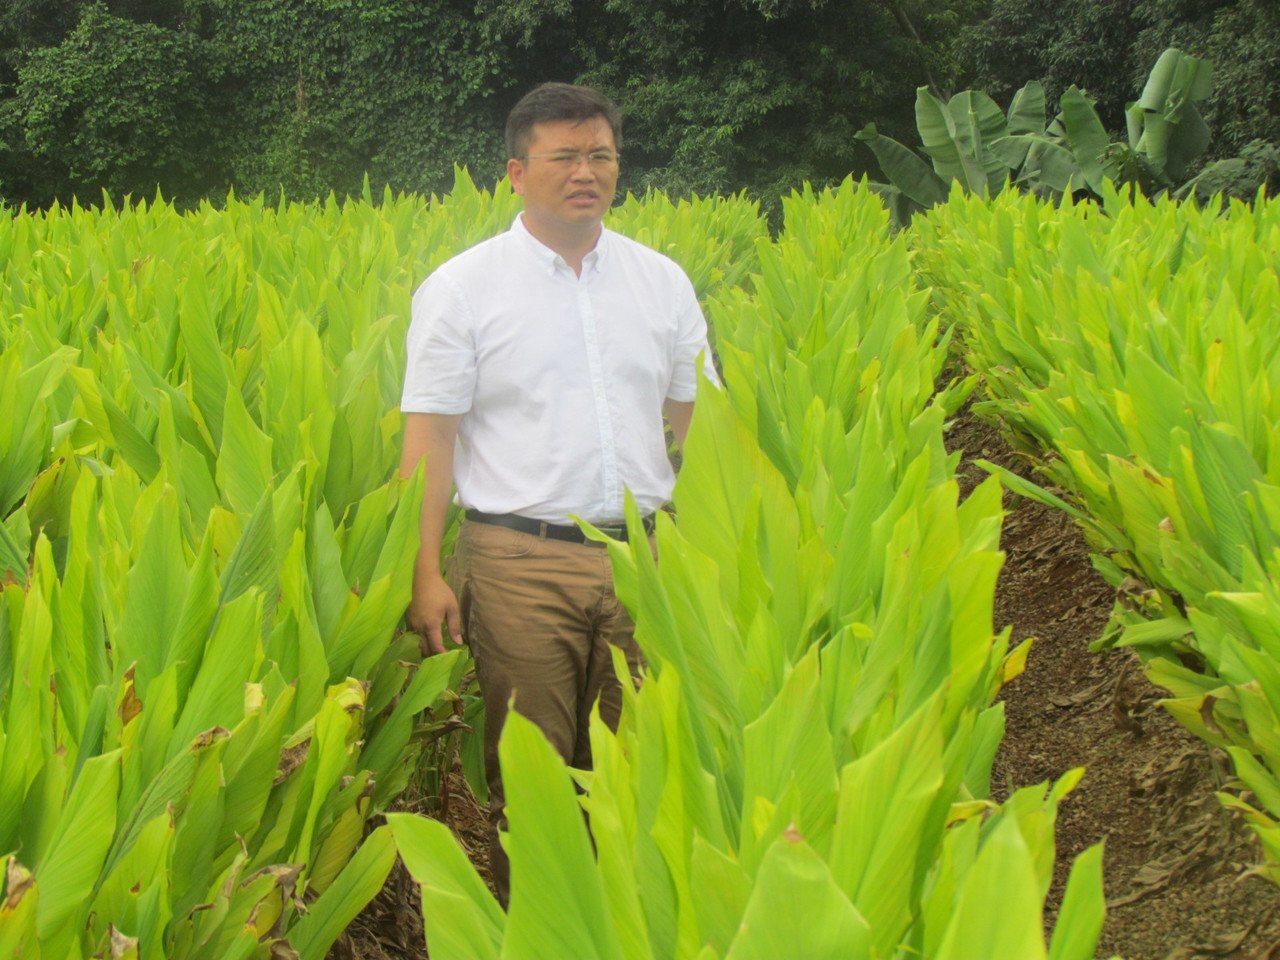 謝瑞裕說,下田是檢視農業知識的最佳途徑。記者張家樂/攝影